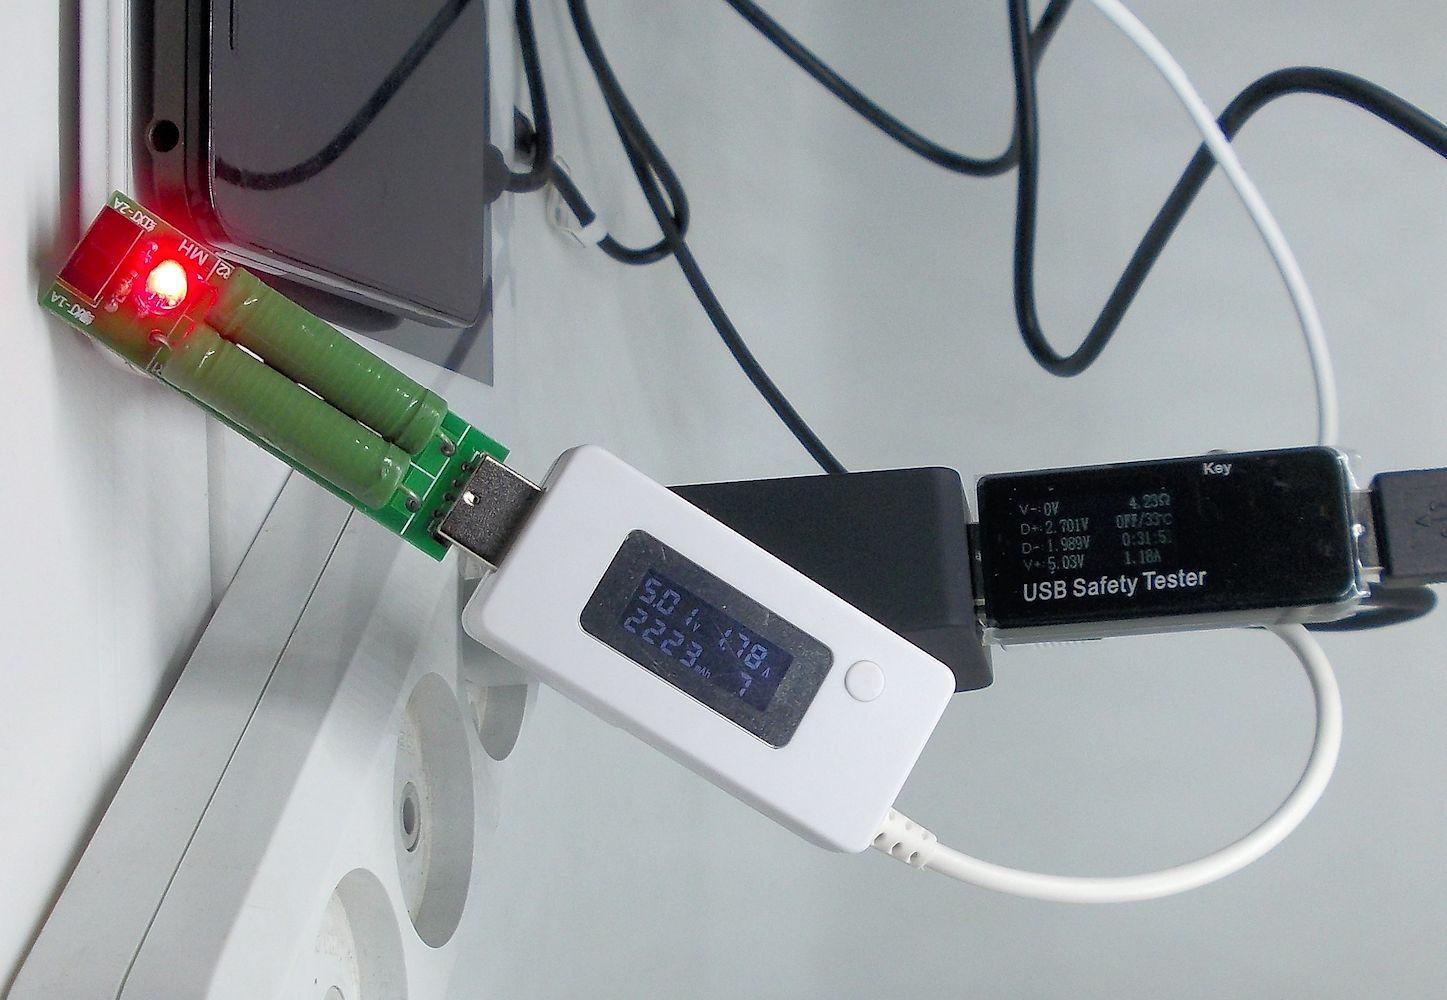 Качественная 4-х портовая зарядка от Floveme Подойдет тем кому необходимо одновременно заряжать несколько устройств Пост